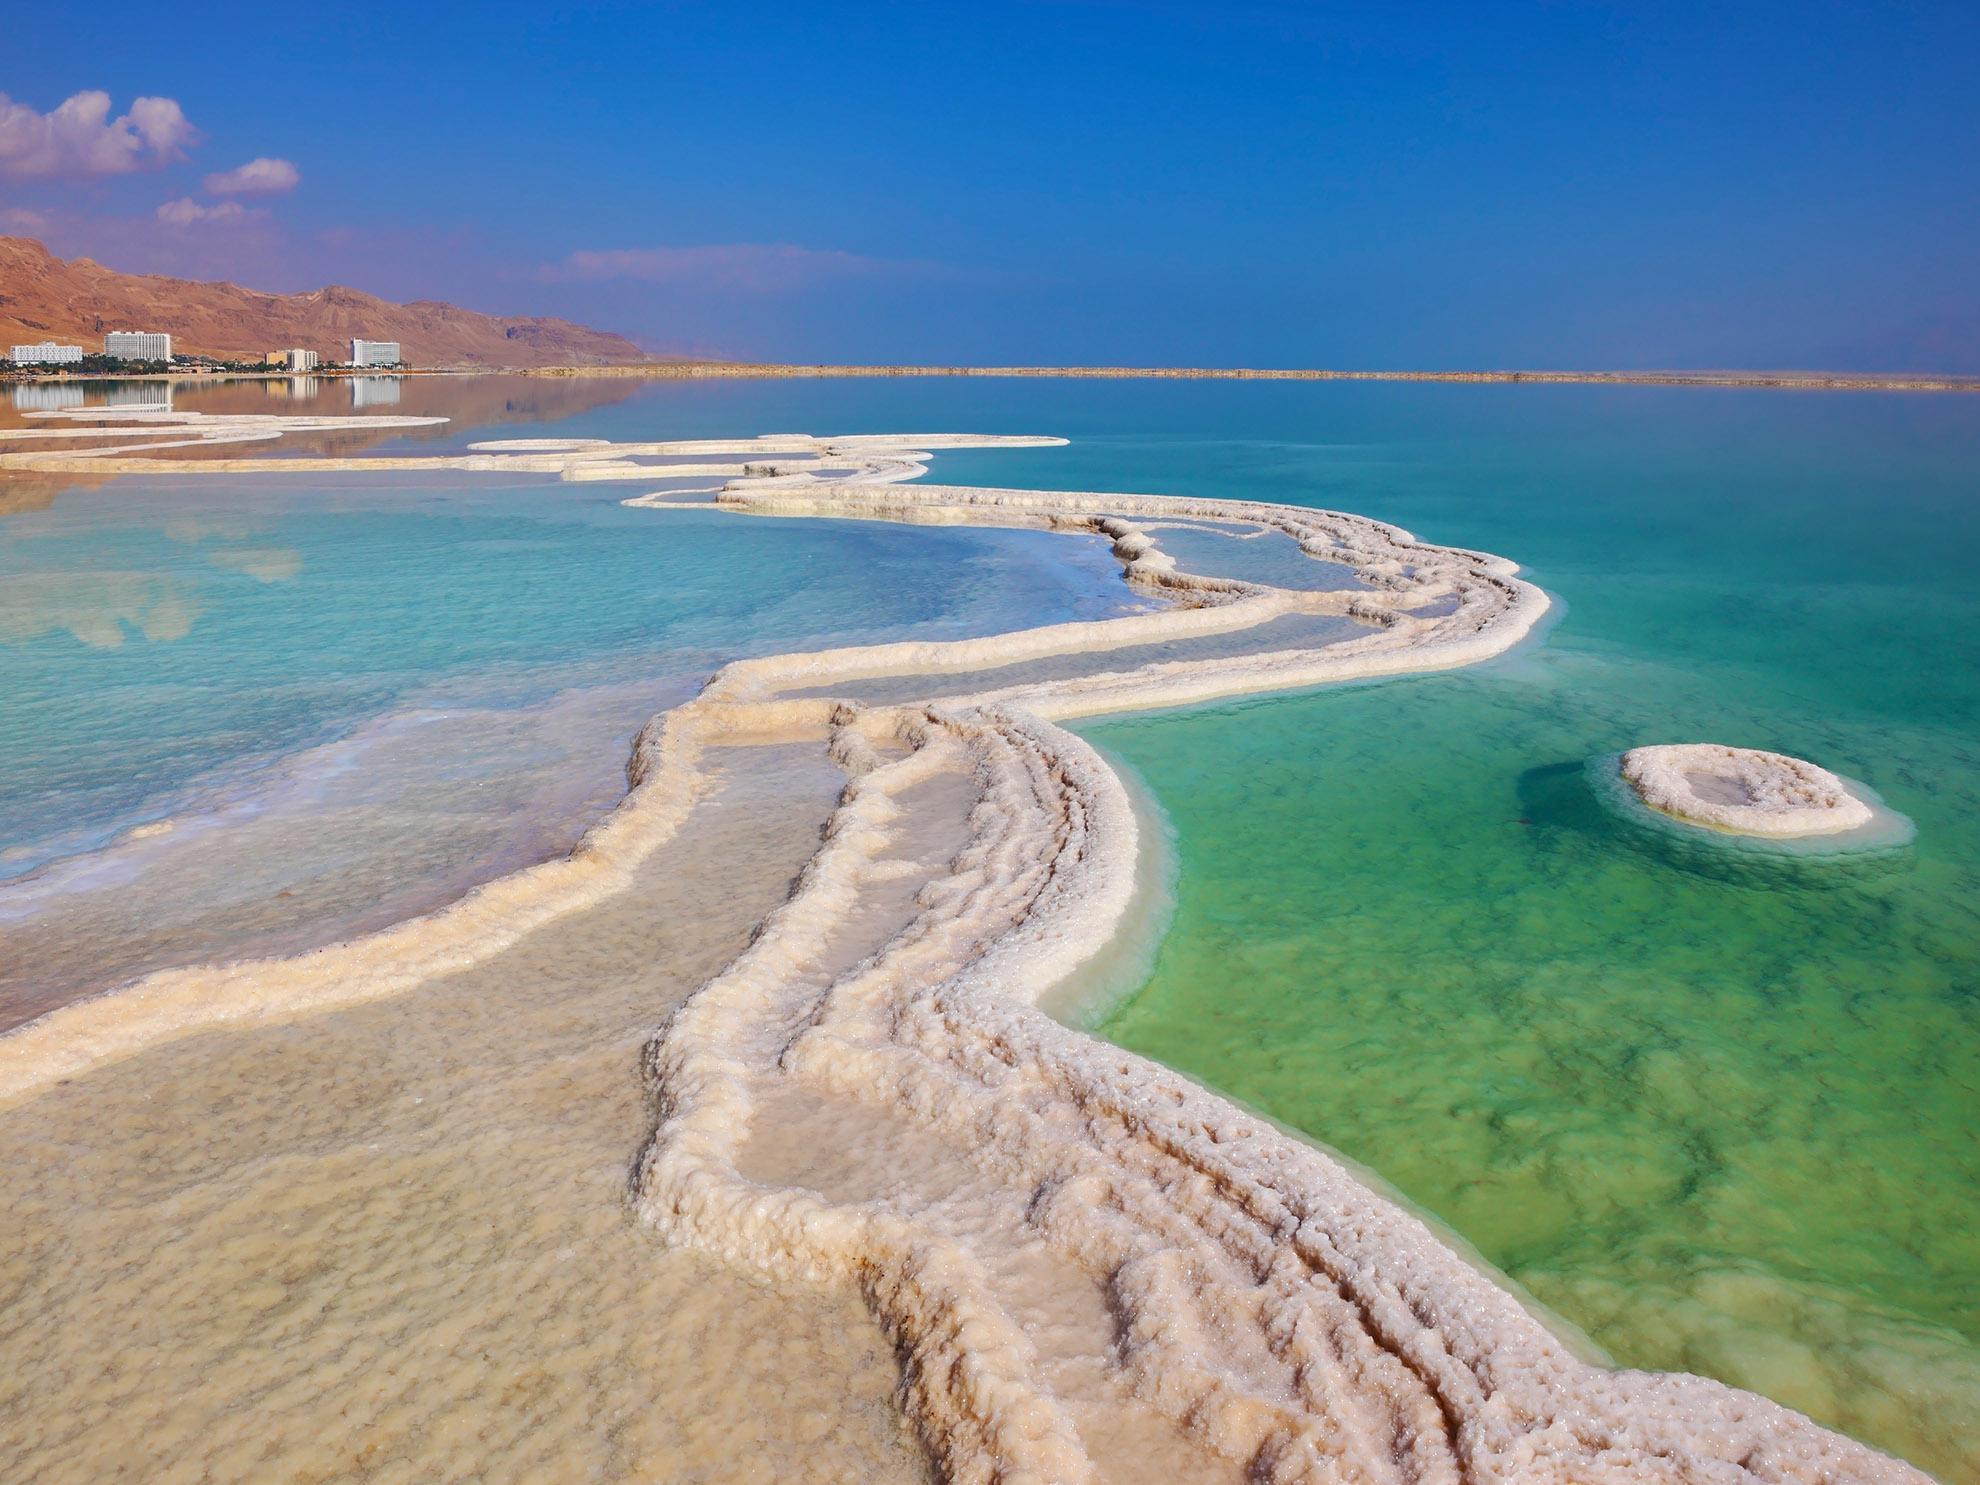 Dead Sea - Ein Gedi, Israel